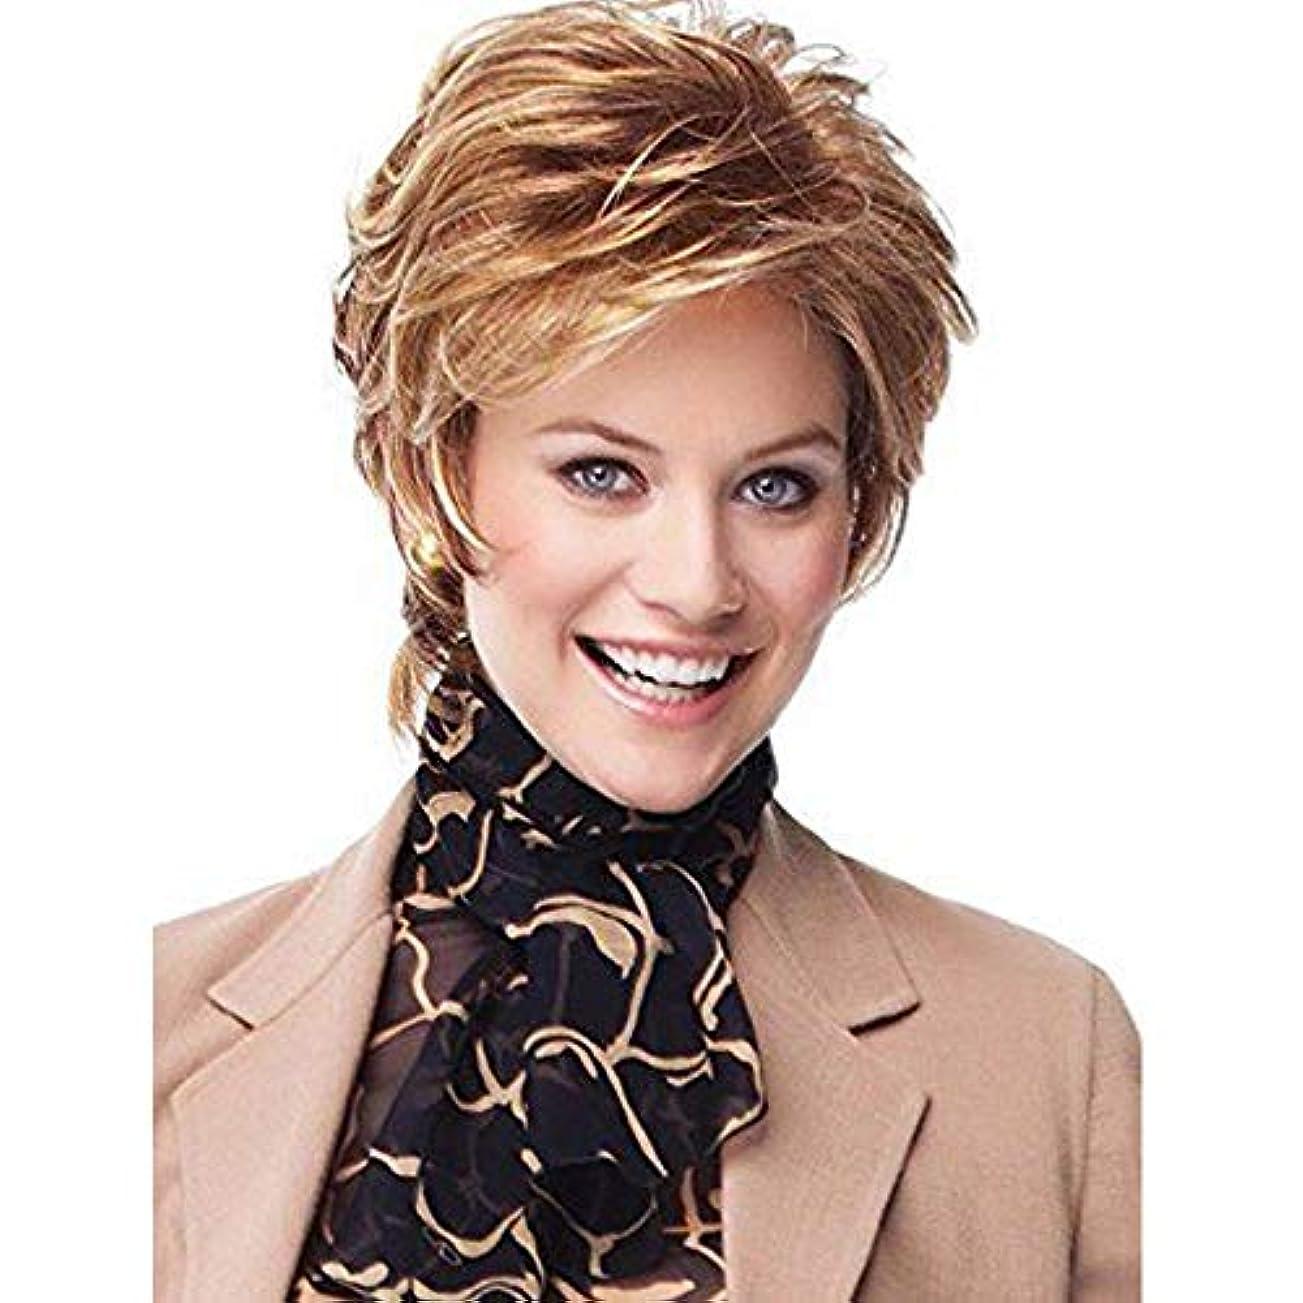 記念品ギャンブル逃げるYOUQIU 女性コスプレパーティー日常のかつら用キャップ付ショートカーリーウィッグ魅力的な女性ボブウィッグ (色 : Blonde)